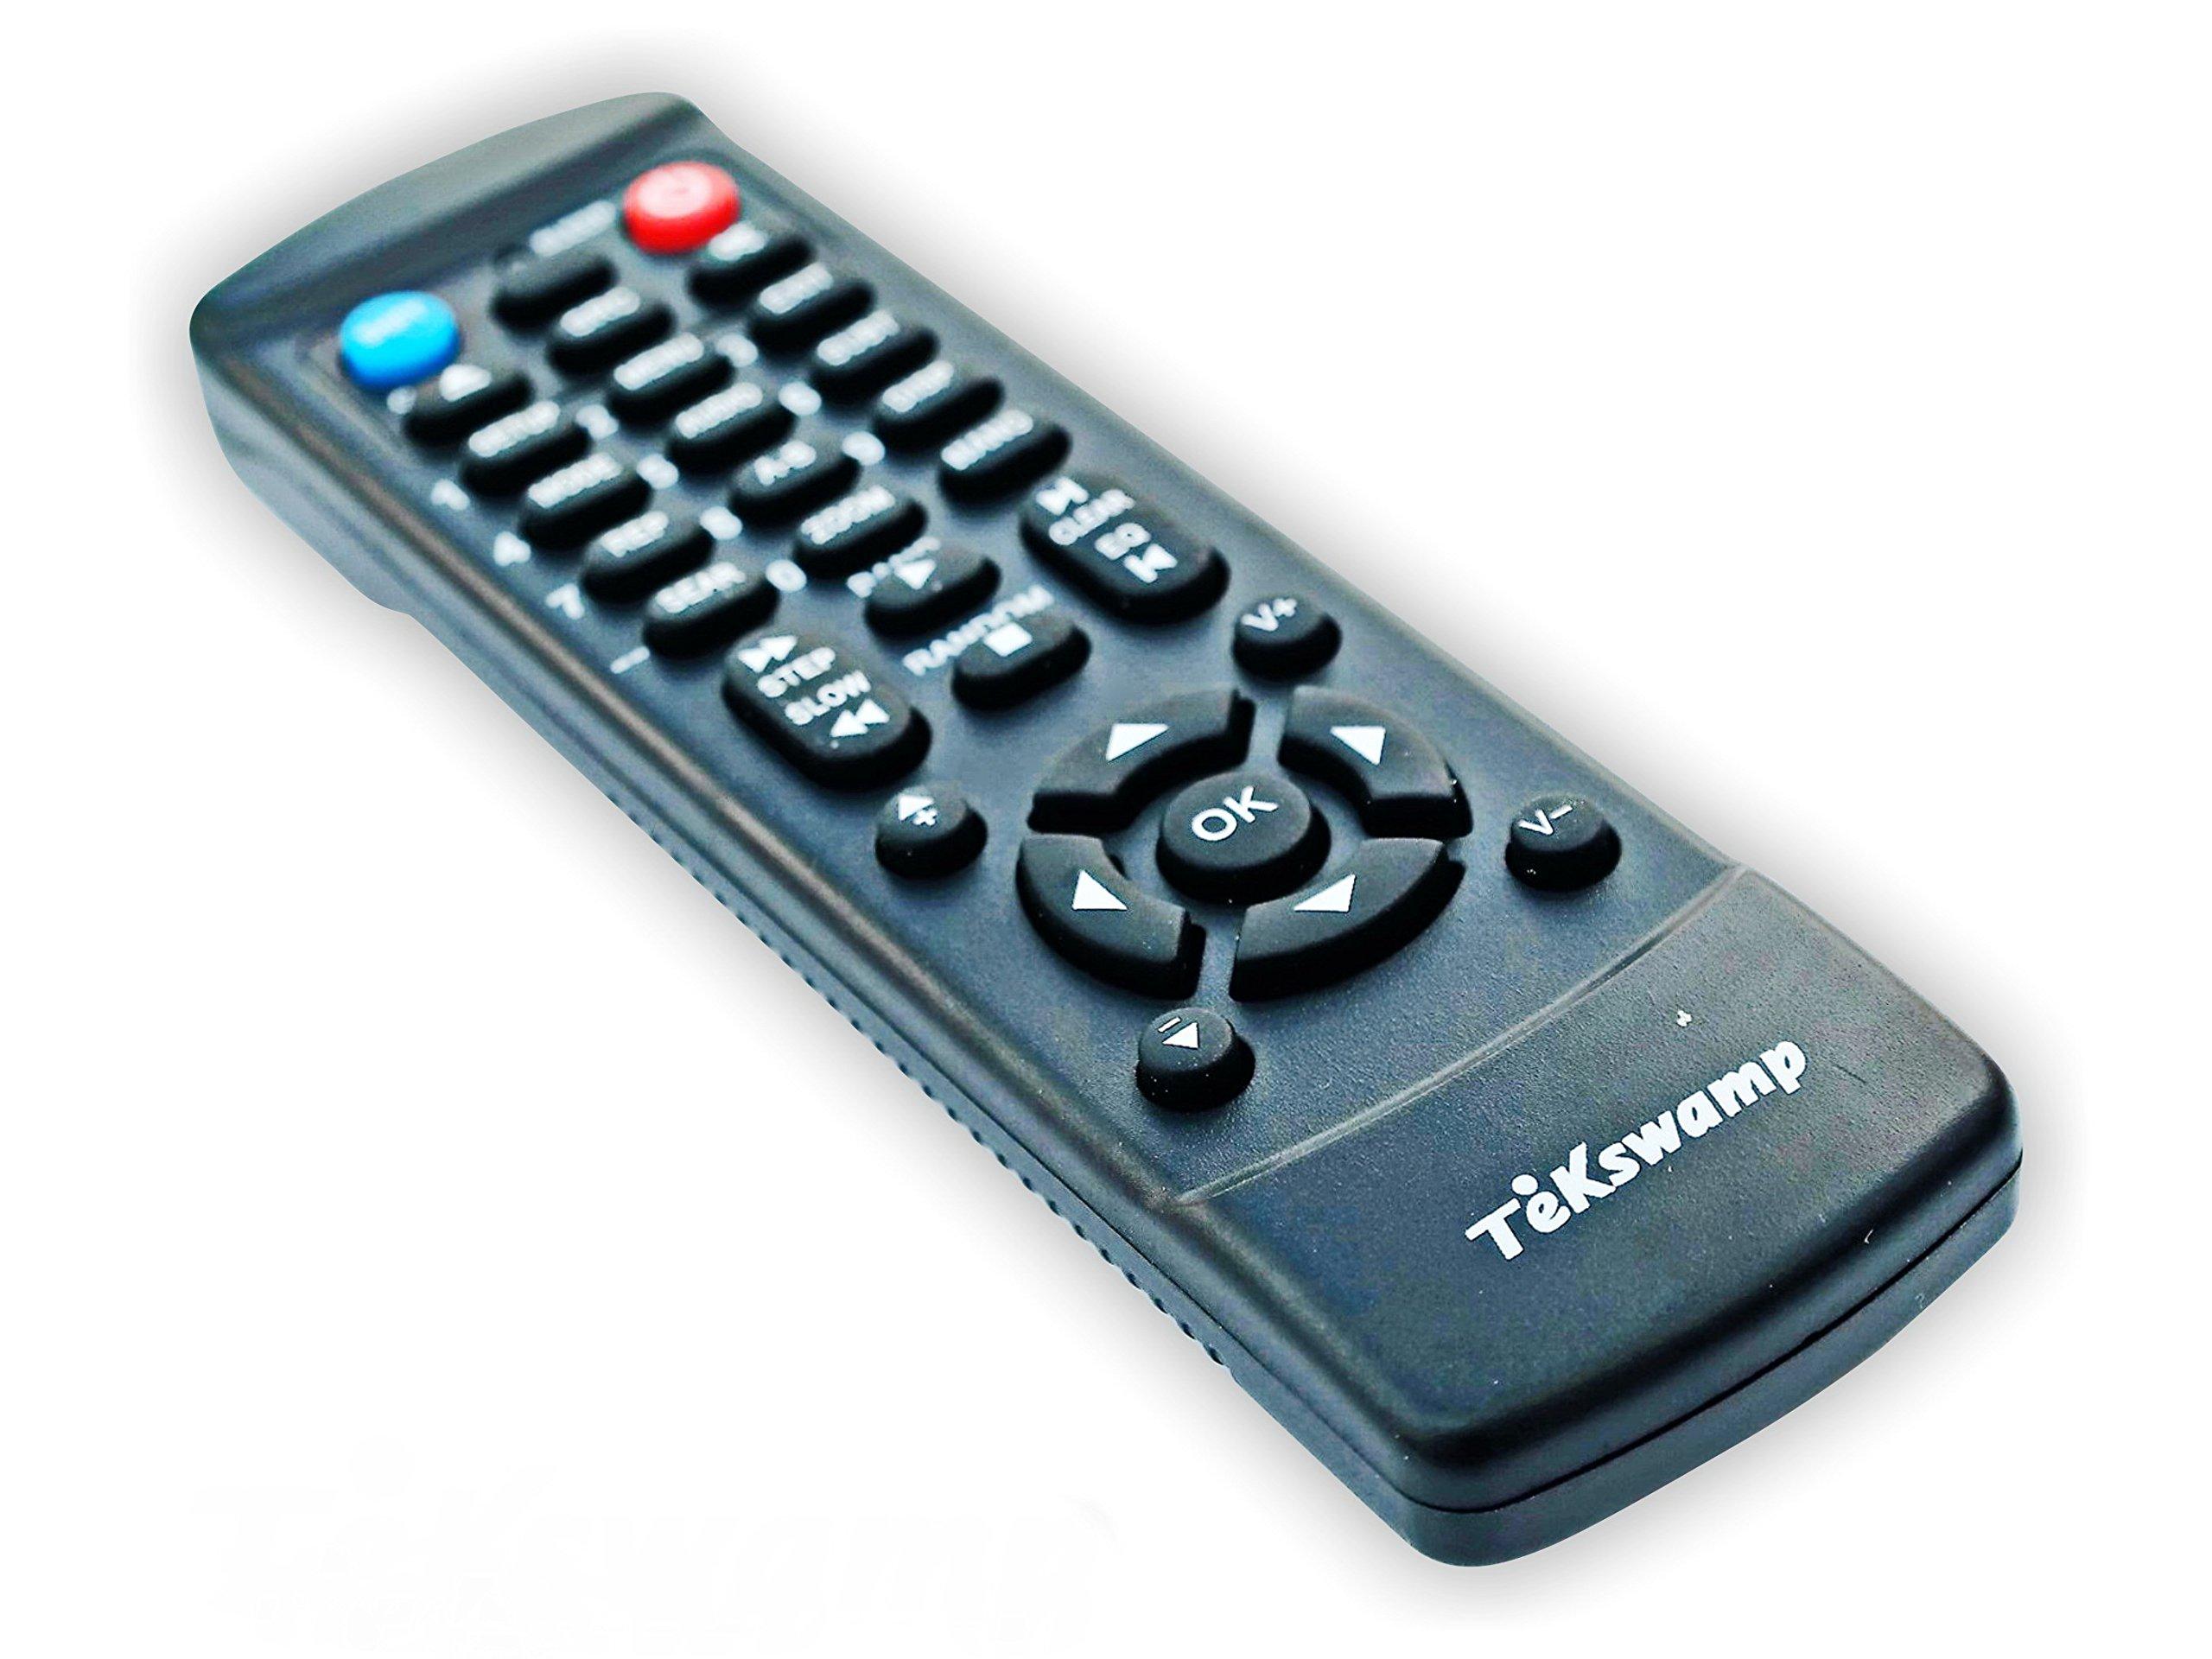 Anthem MRX-700 TeKswamp Remote Control by Tekswamp (Image #2)